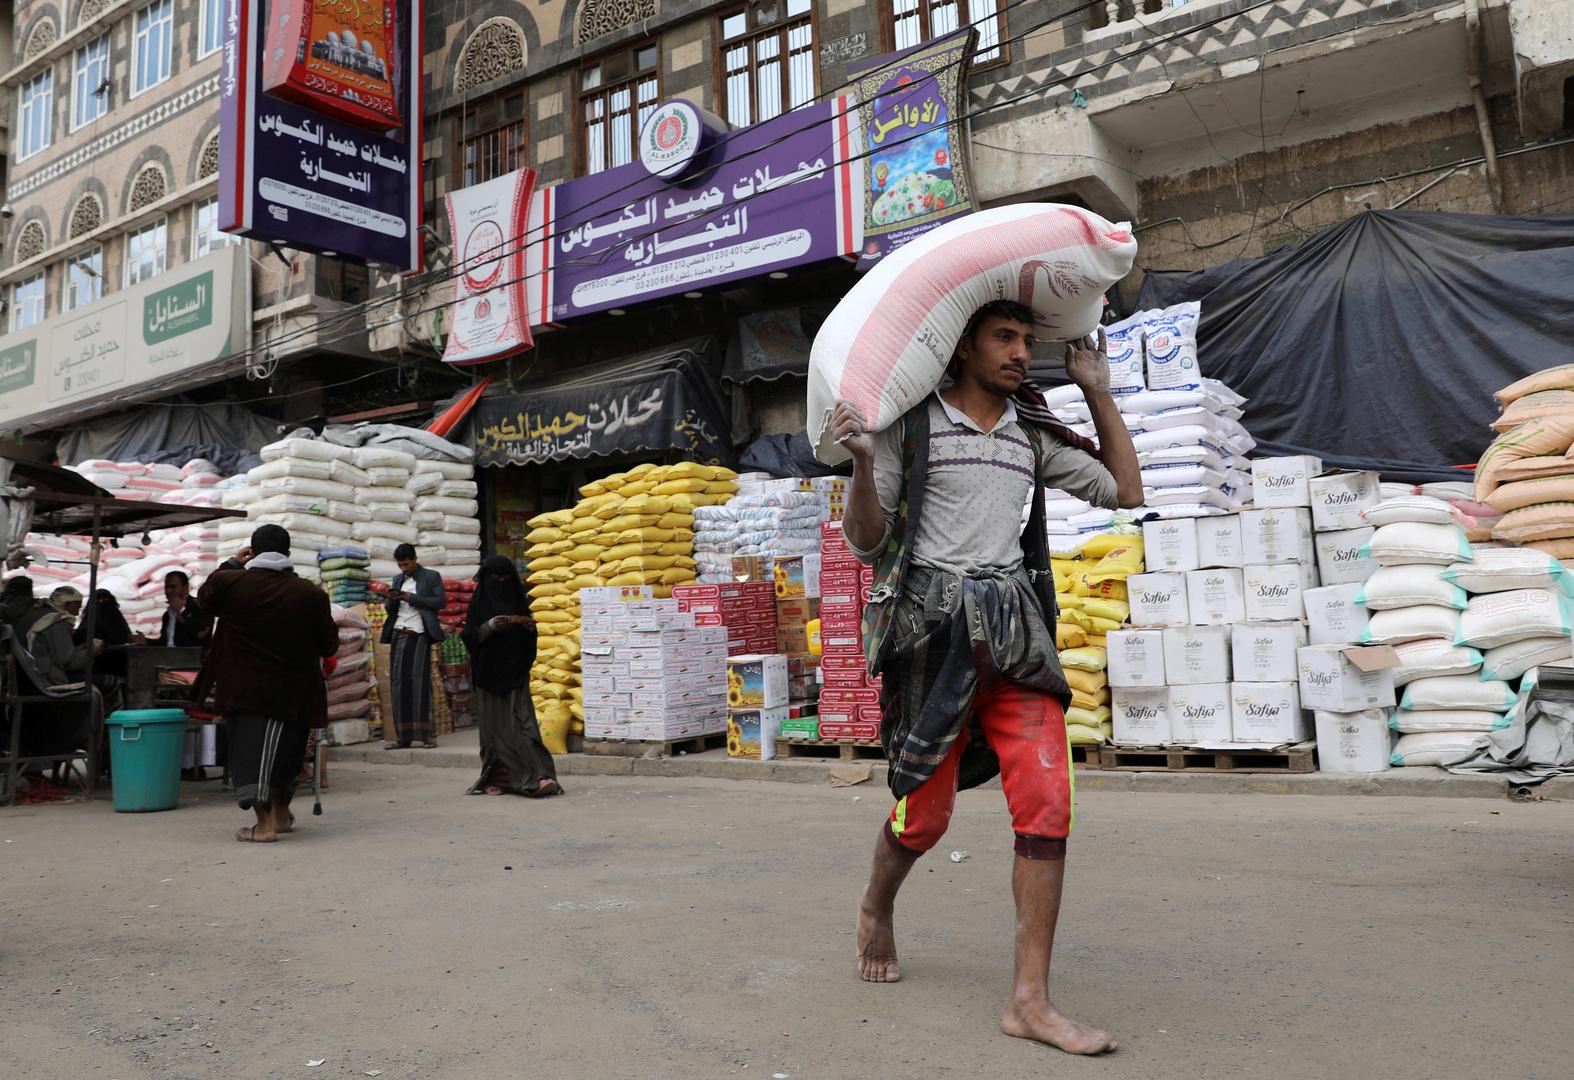 منظمة الأغذية العالمية: ارتفاع مؤشر أسعار الغذاء العالمية للشهر التاسع على التوالي